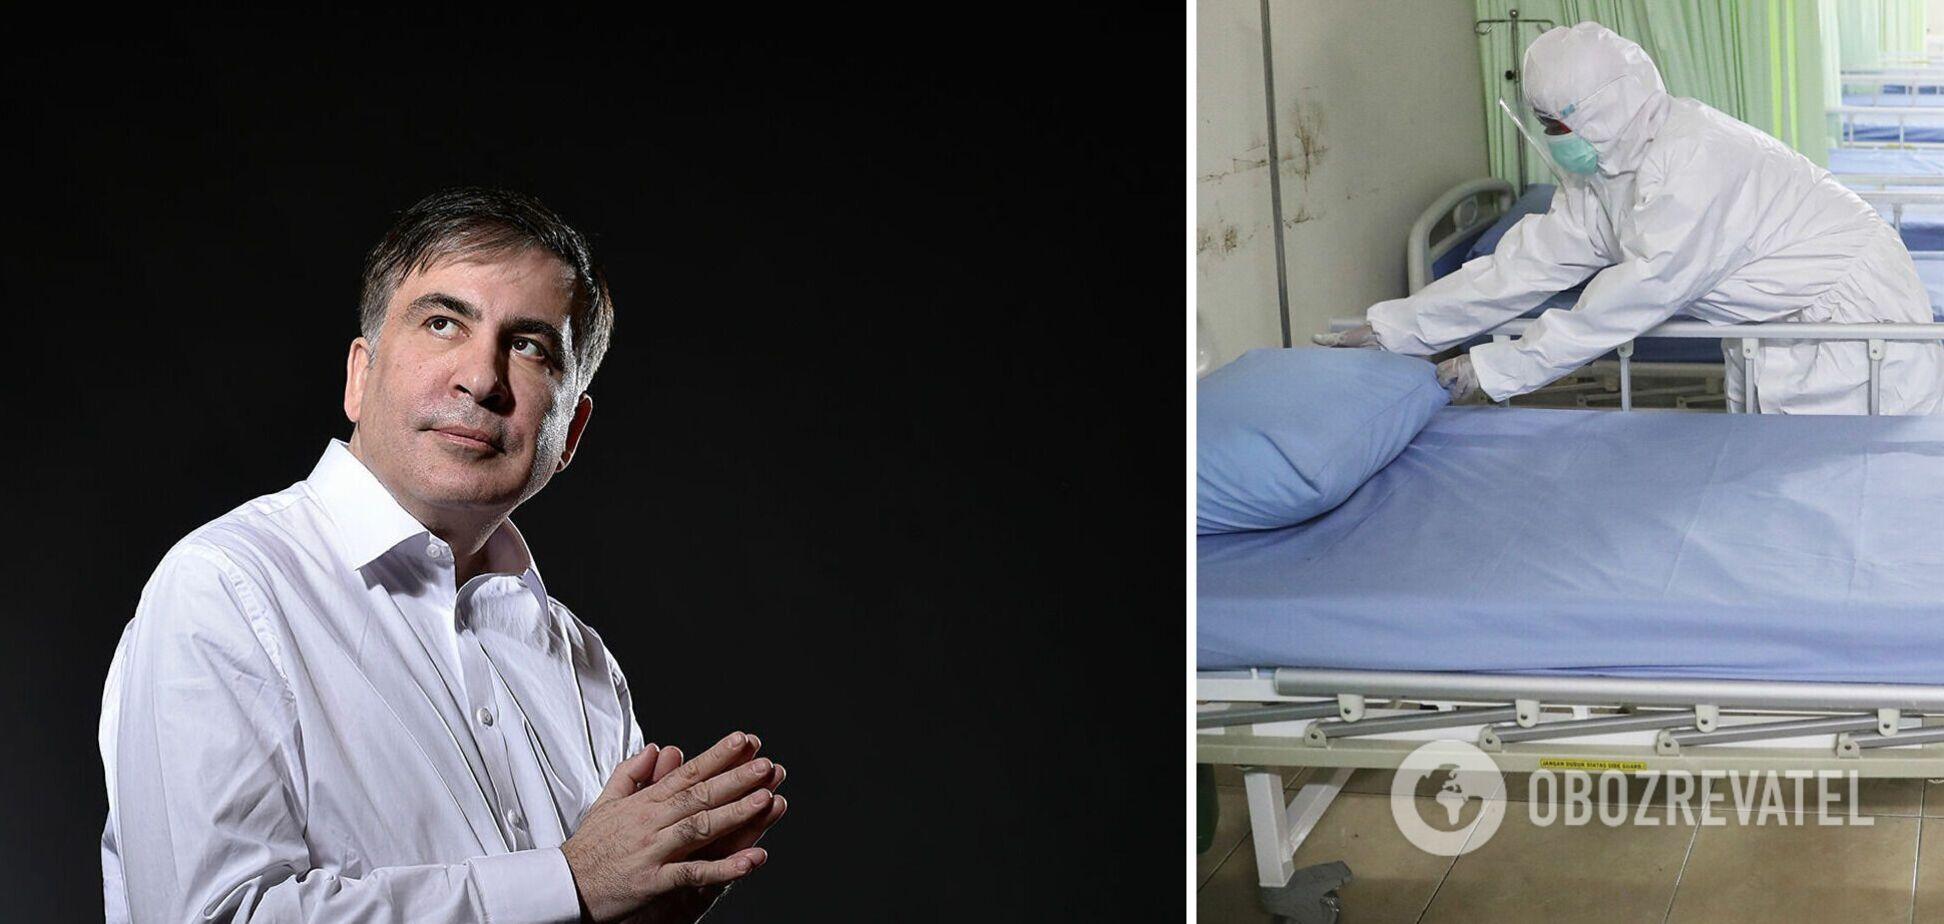 Грузинские врачи рекомендуют госпитализировать Саакашвили: высока вероятность осложнений